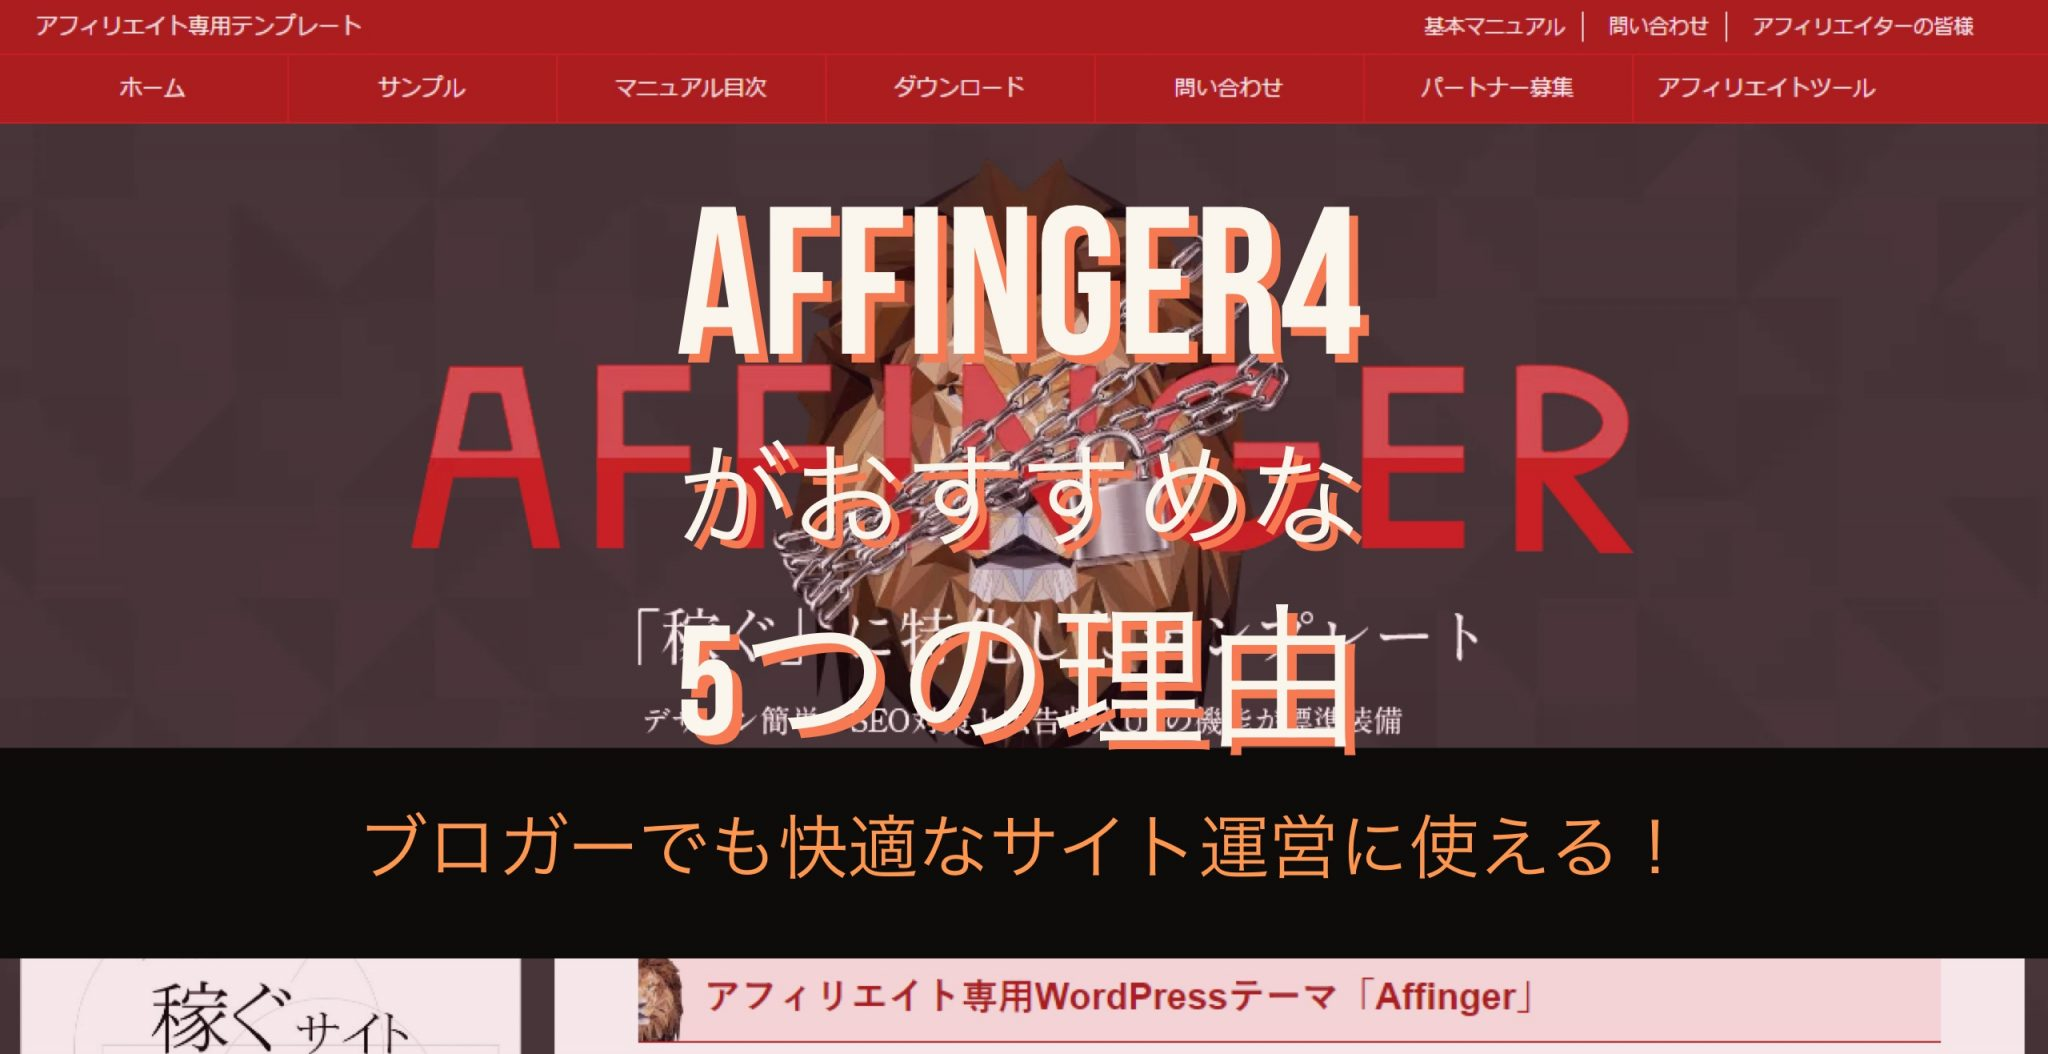 Affinger4がおすすめな5つの理由